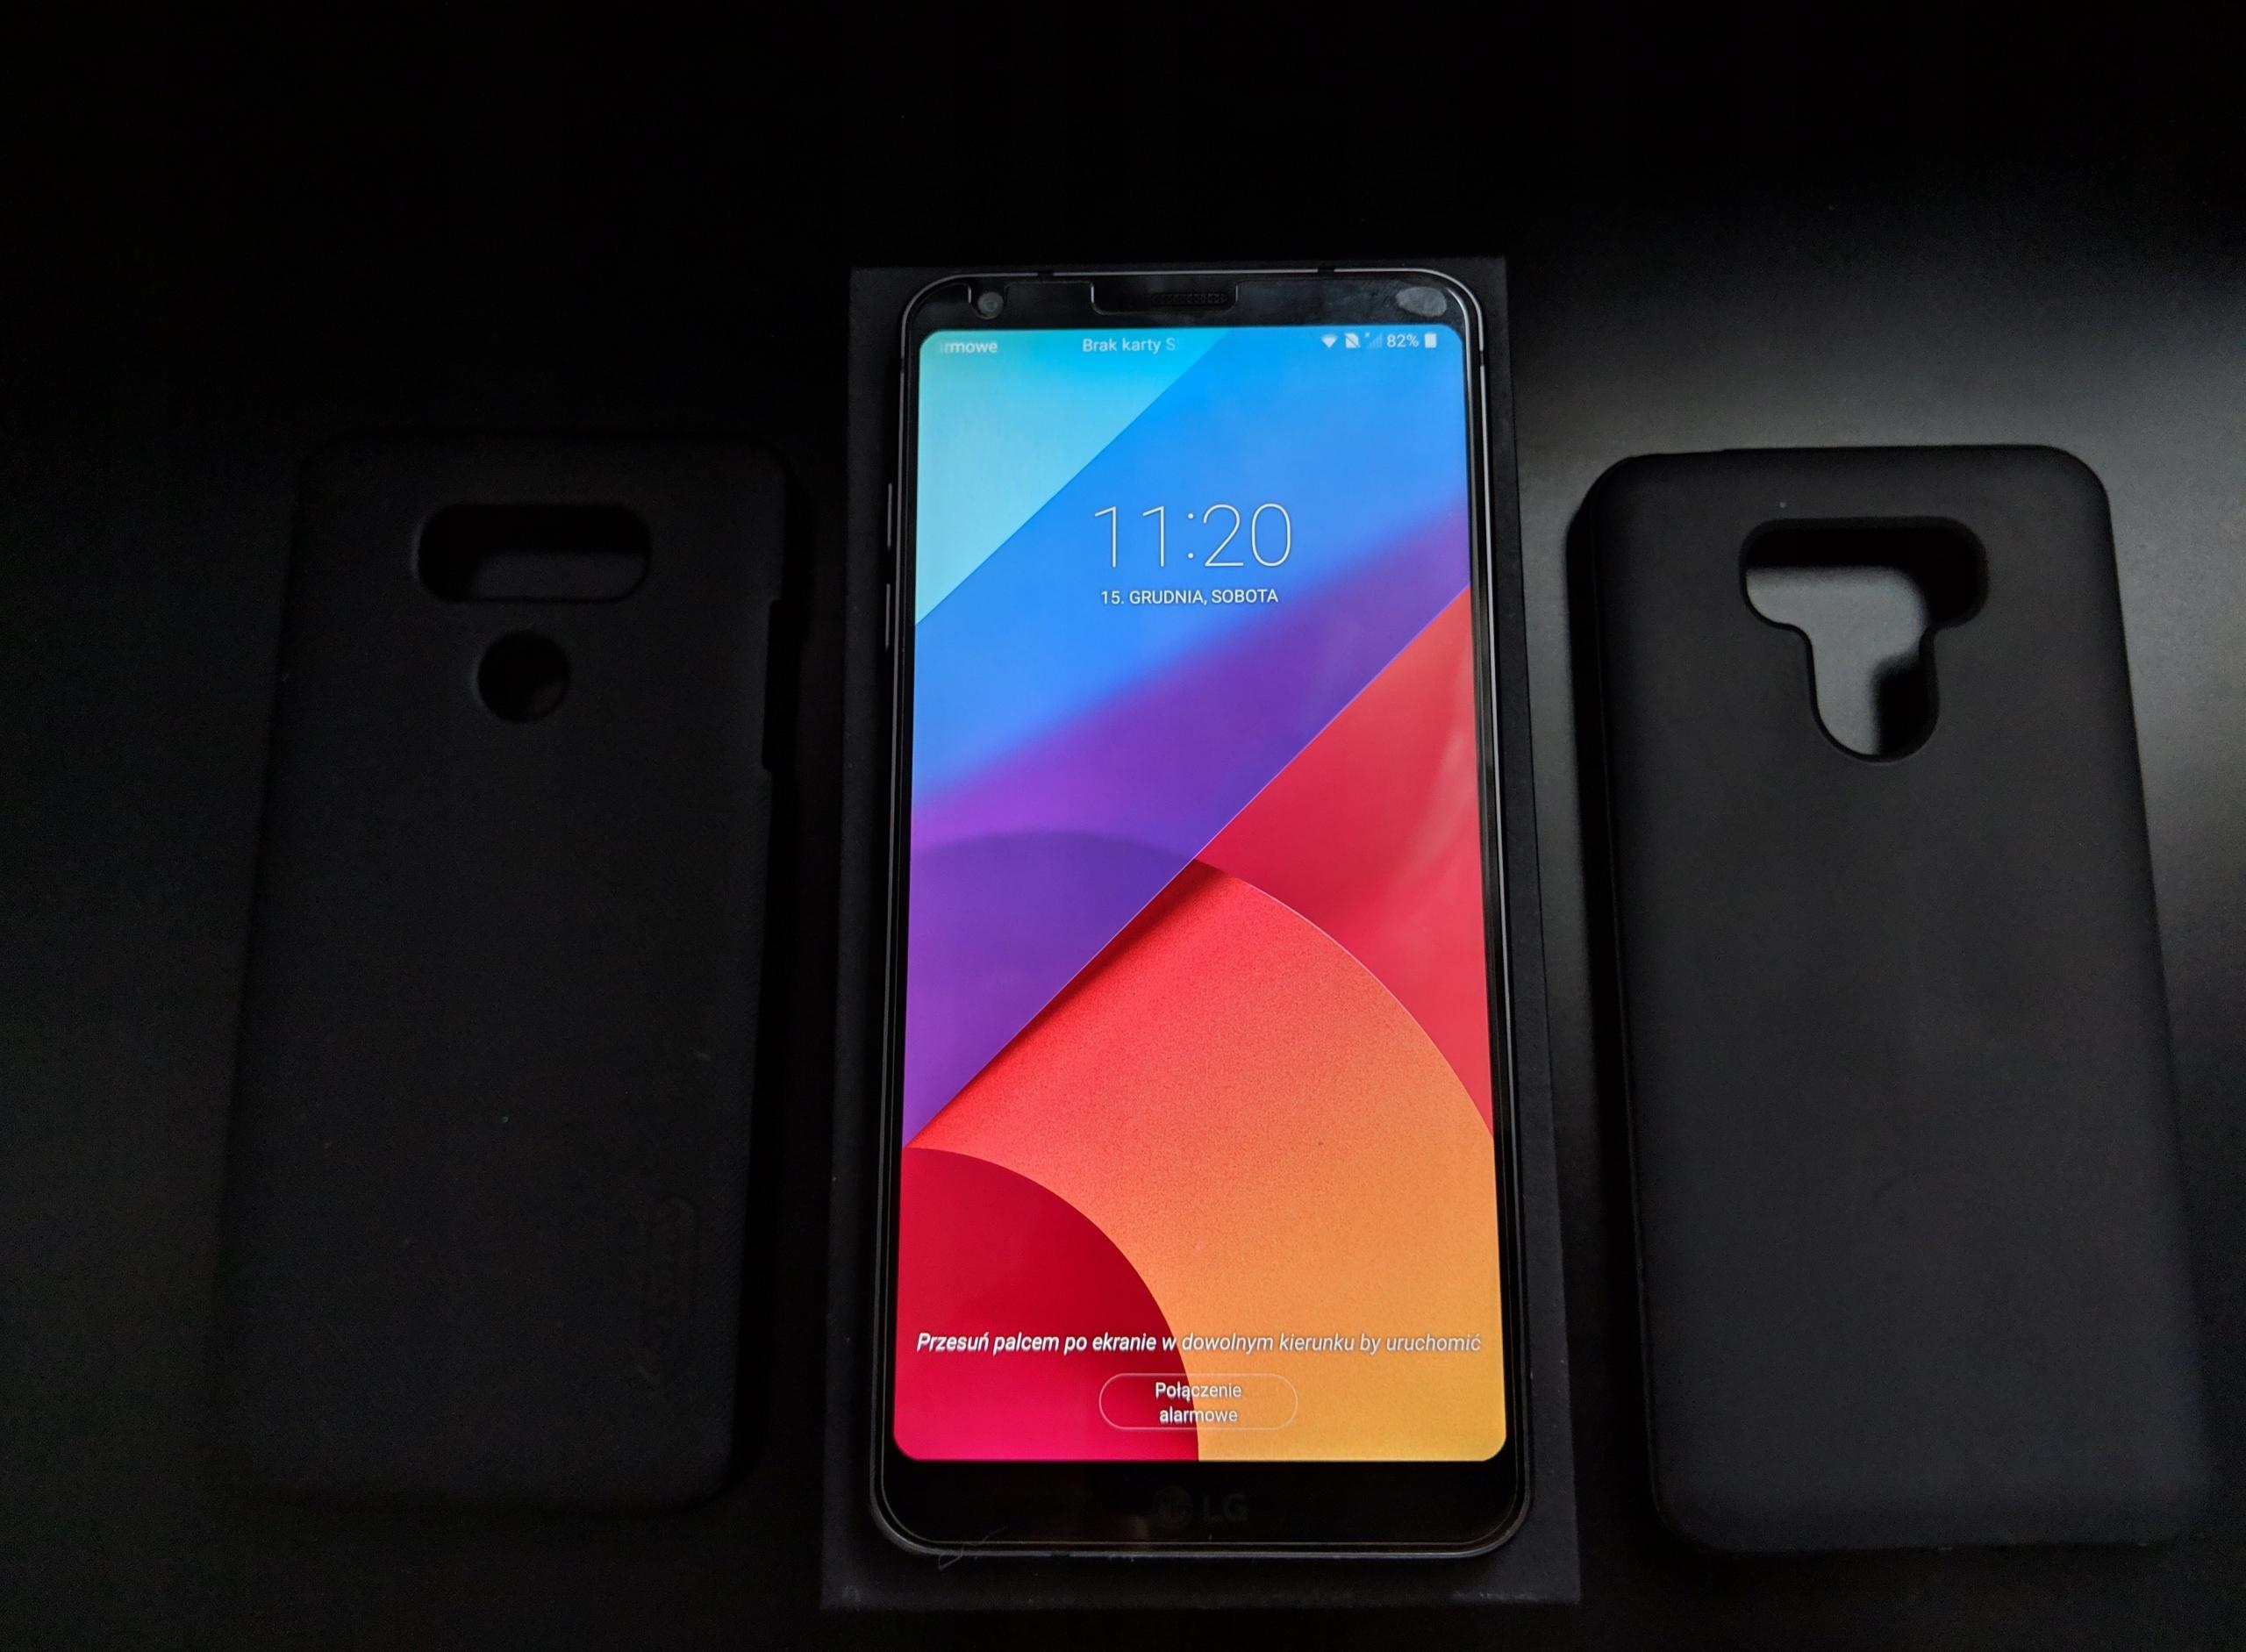 LG G6 + 2x etui, gwarancja do 09.2019 - Warszawa